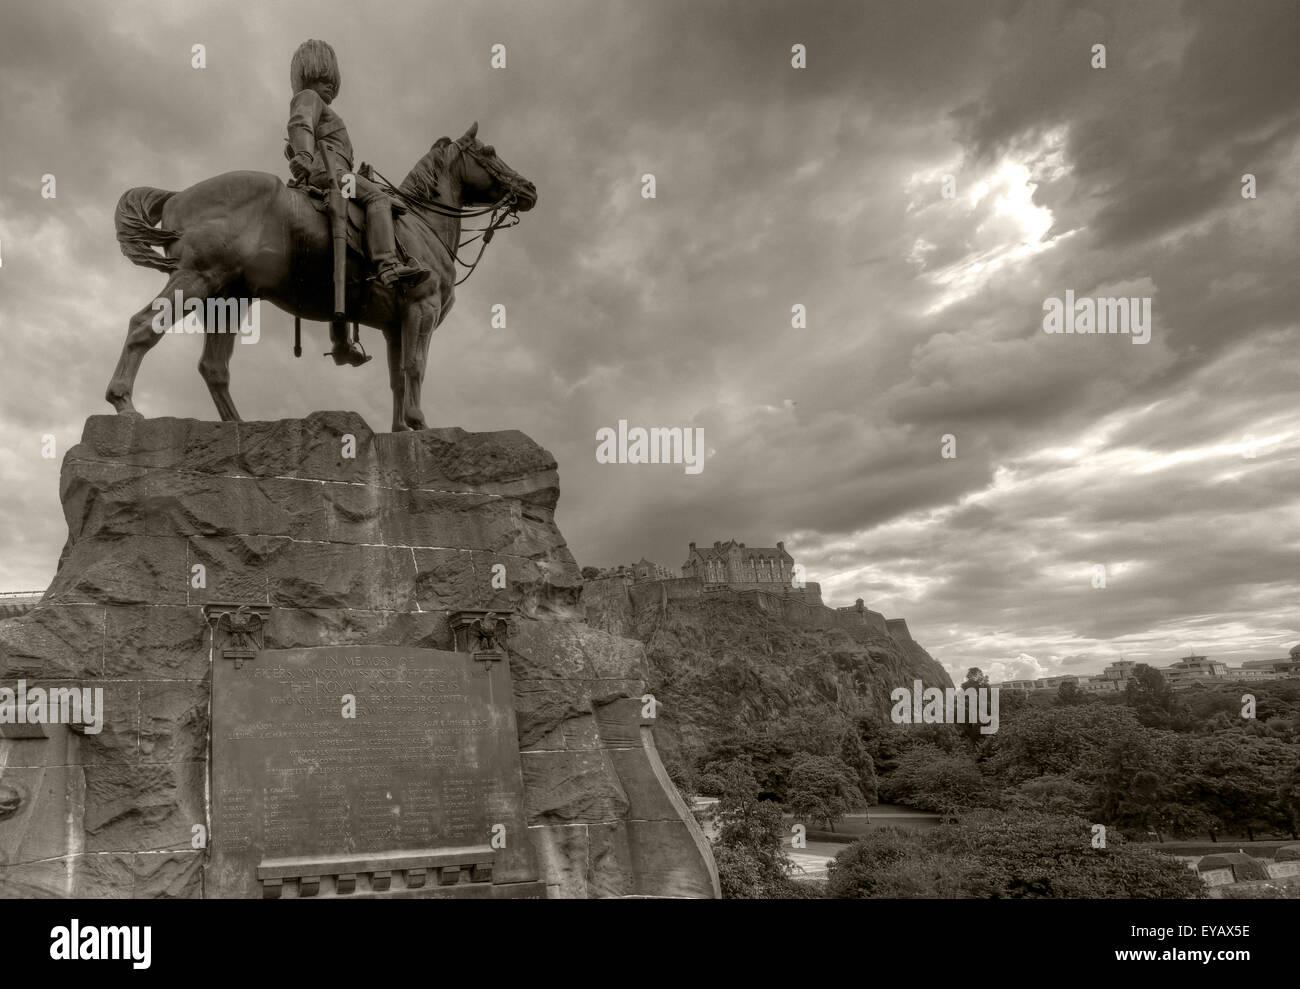 Laden Sie dieses Alamy Stockfoto S/w-Statue/Gedenktafel zur Erinnerung an die Royal Scots Greys, Princes St, Edinburgh, Scotland, UK - EYAX5E